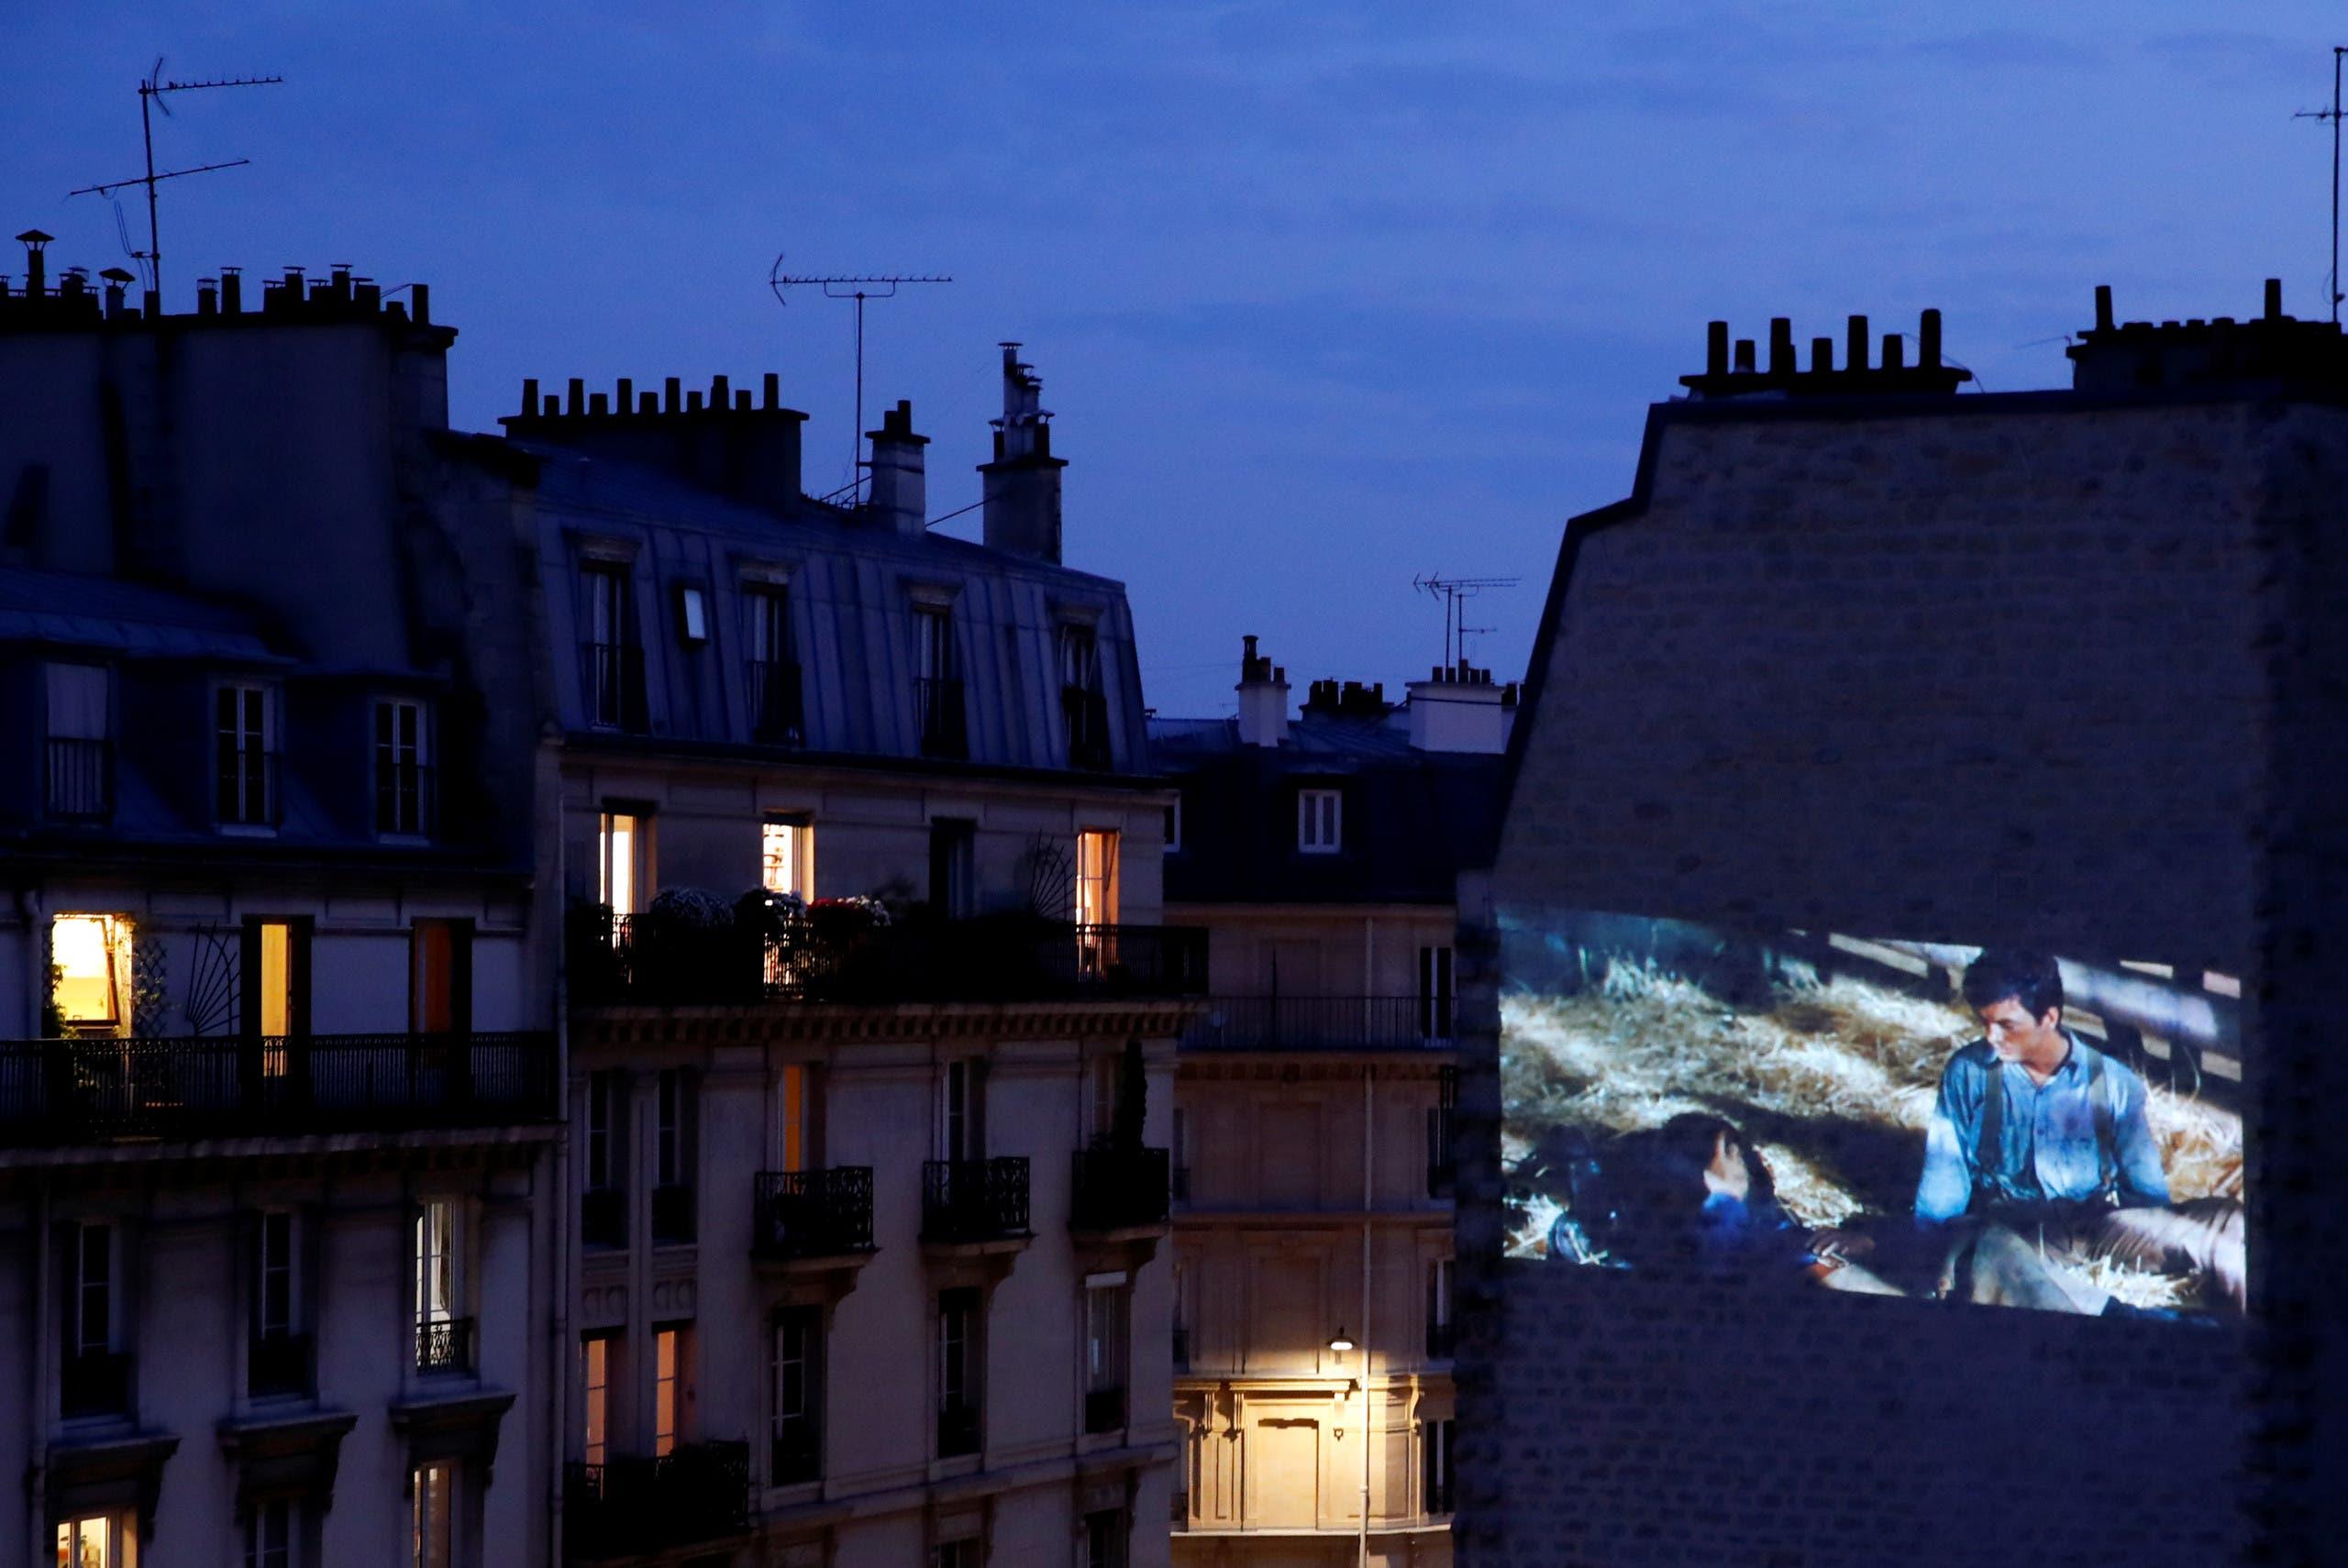 الفيلم يعرض على الجدار